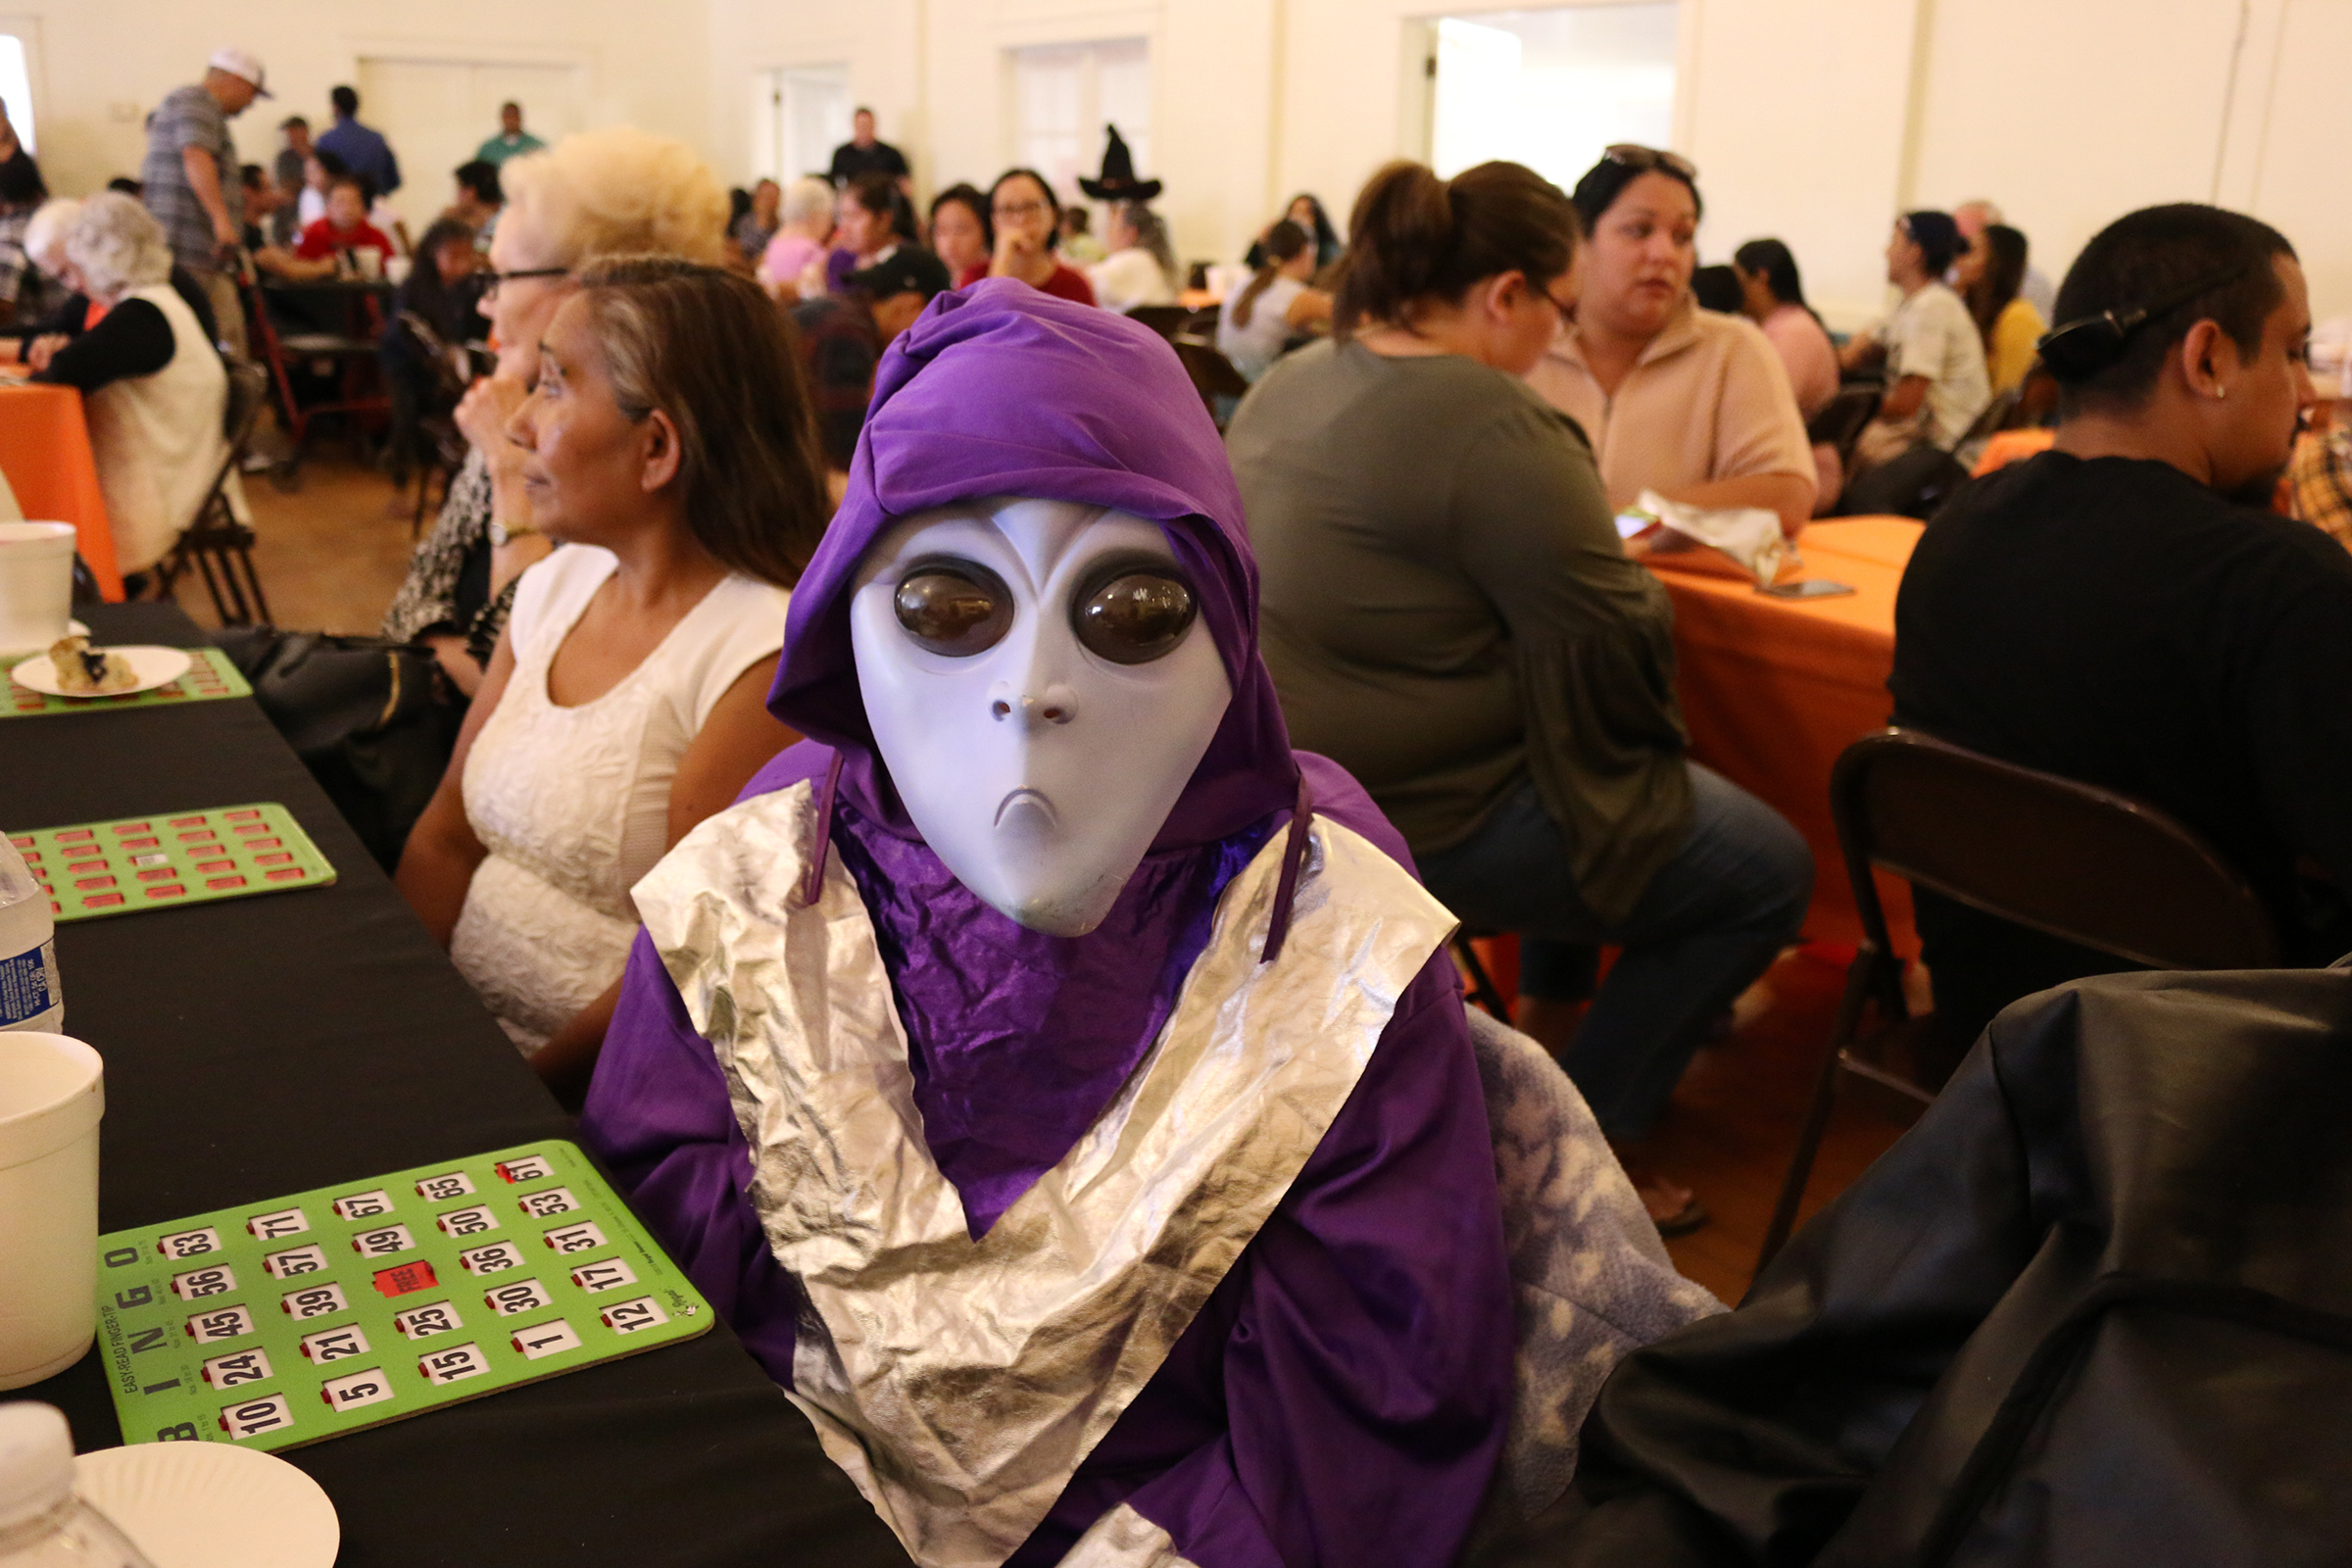 Alien Costume.jpg